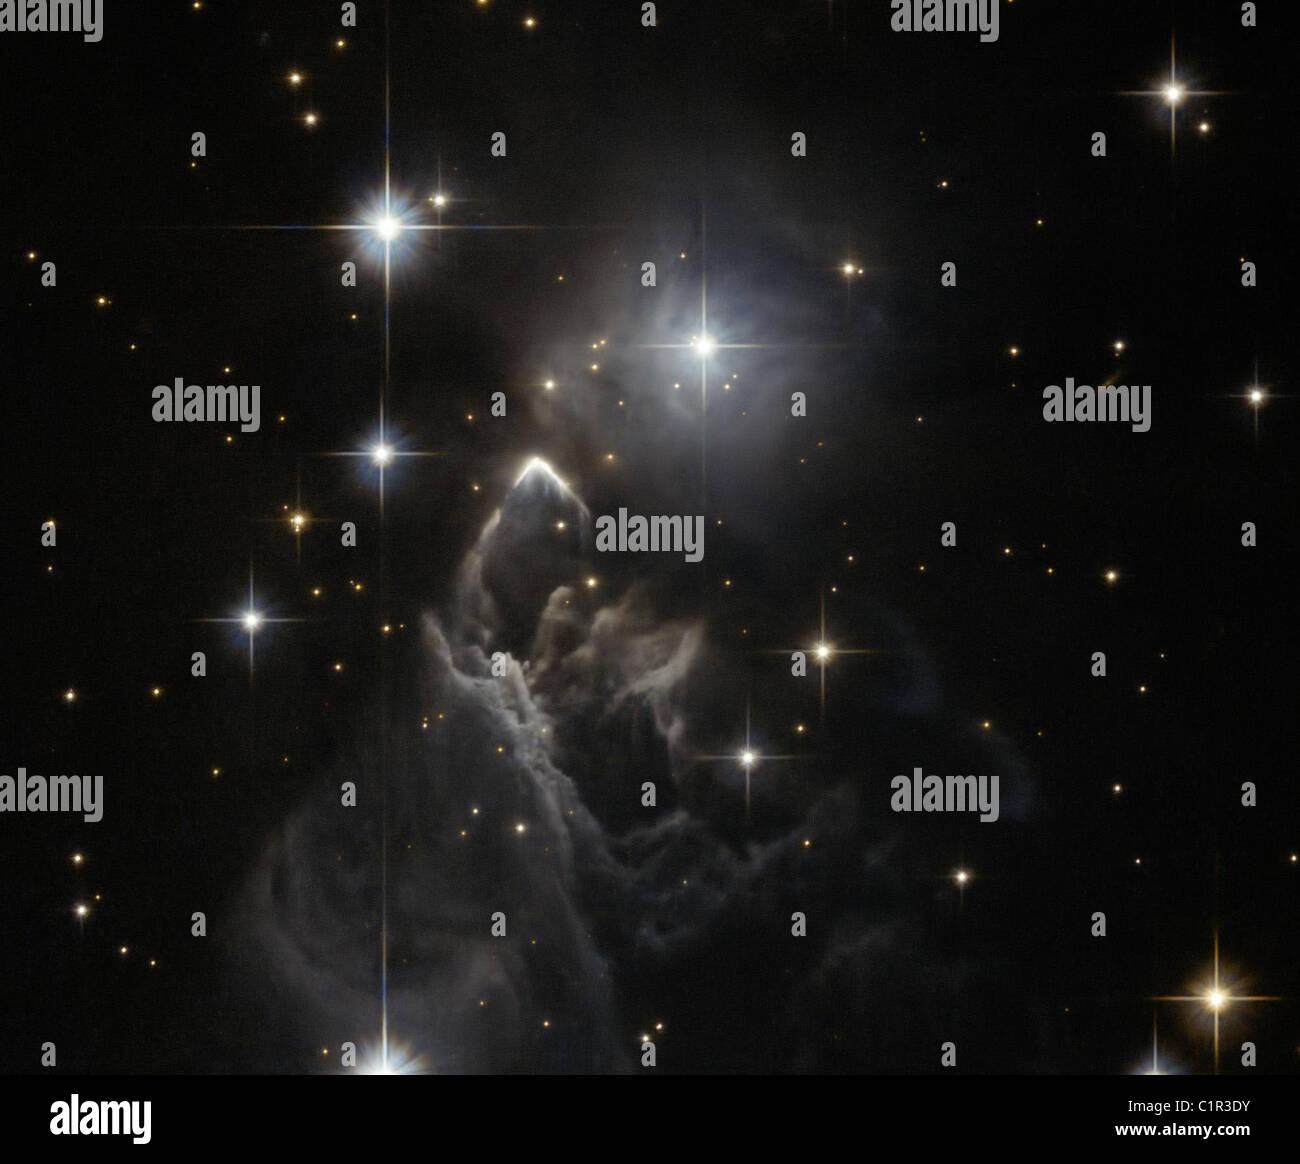 La notte dei ricercatori ancora non sanno che cosa è l'illuminazione IRAS 05437+2502, una piccola e debole Immagini Stock